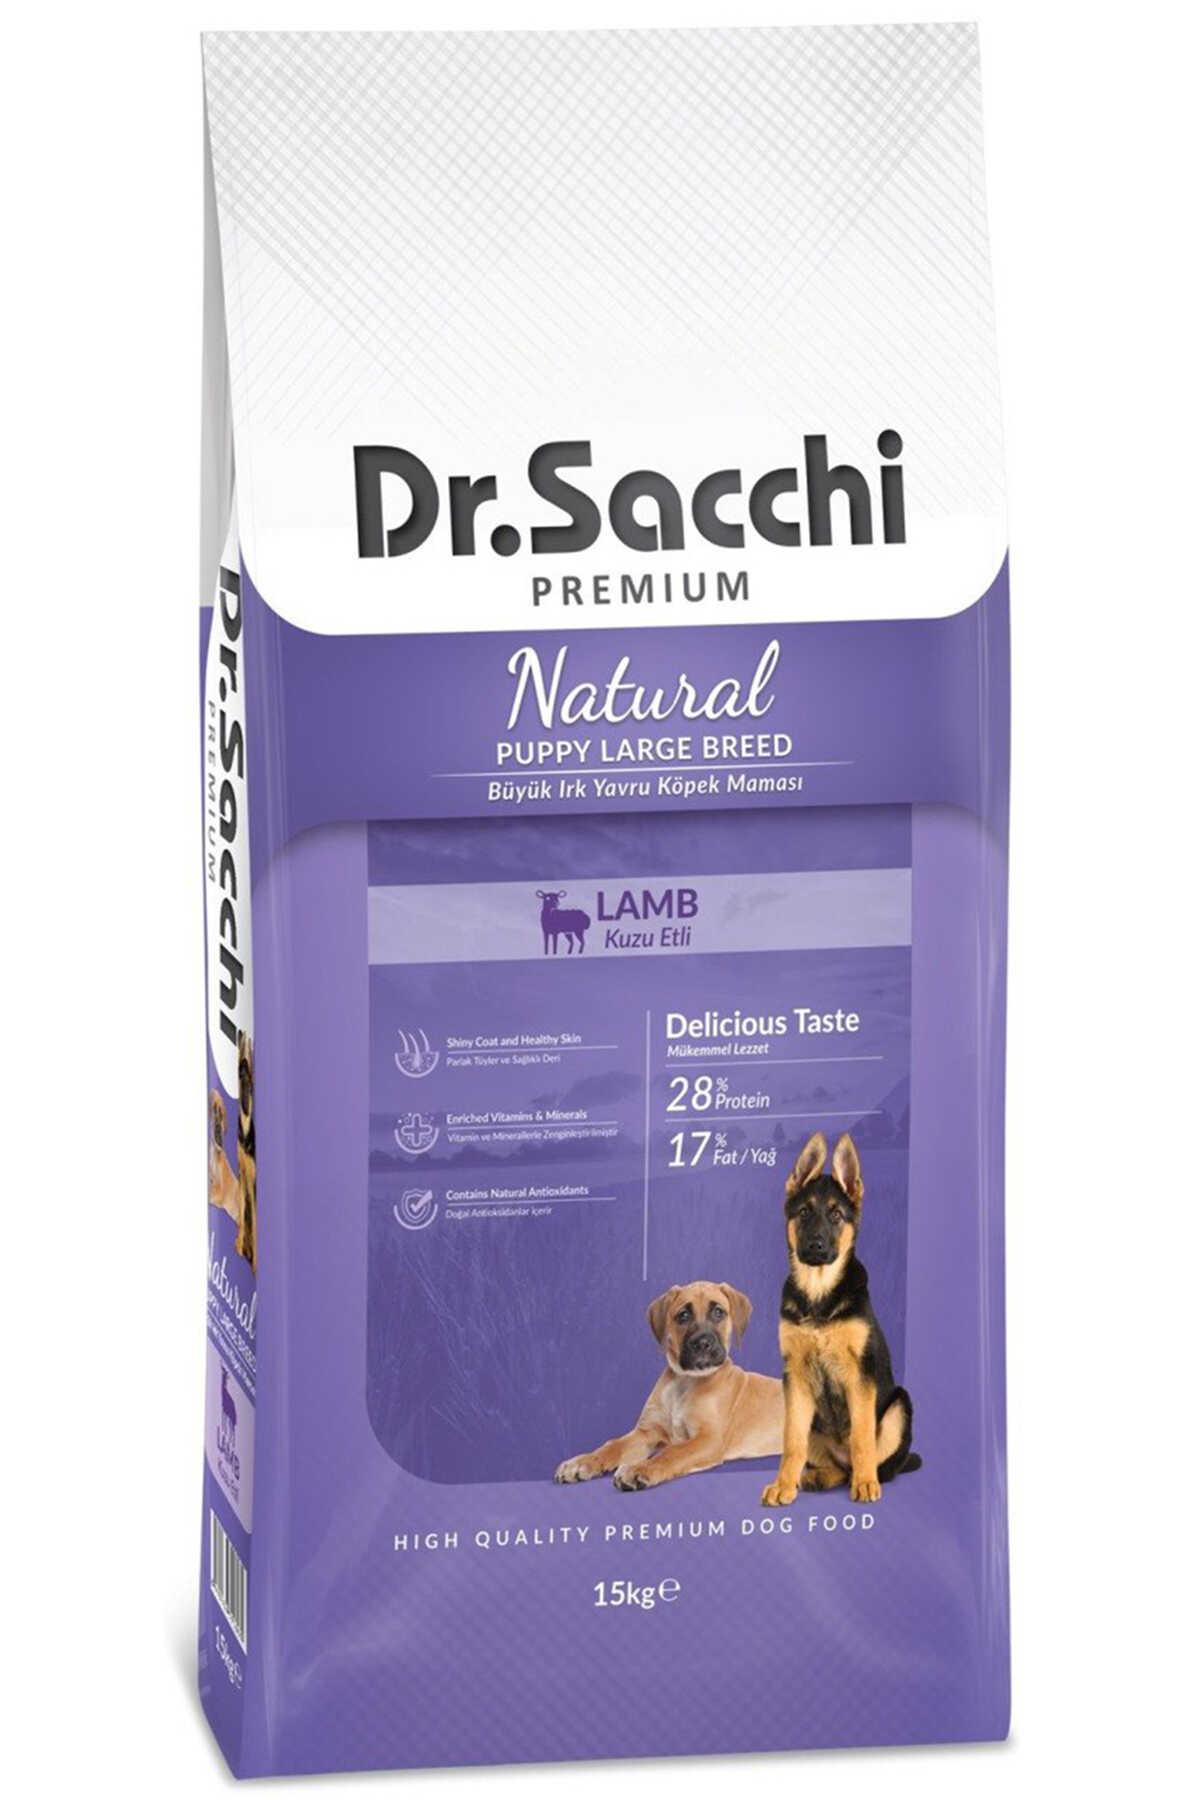 Dr.Sacchi Kuzu Etli Büyük Irk Yavru Köpek Maması 15kg